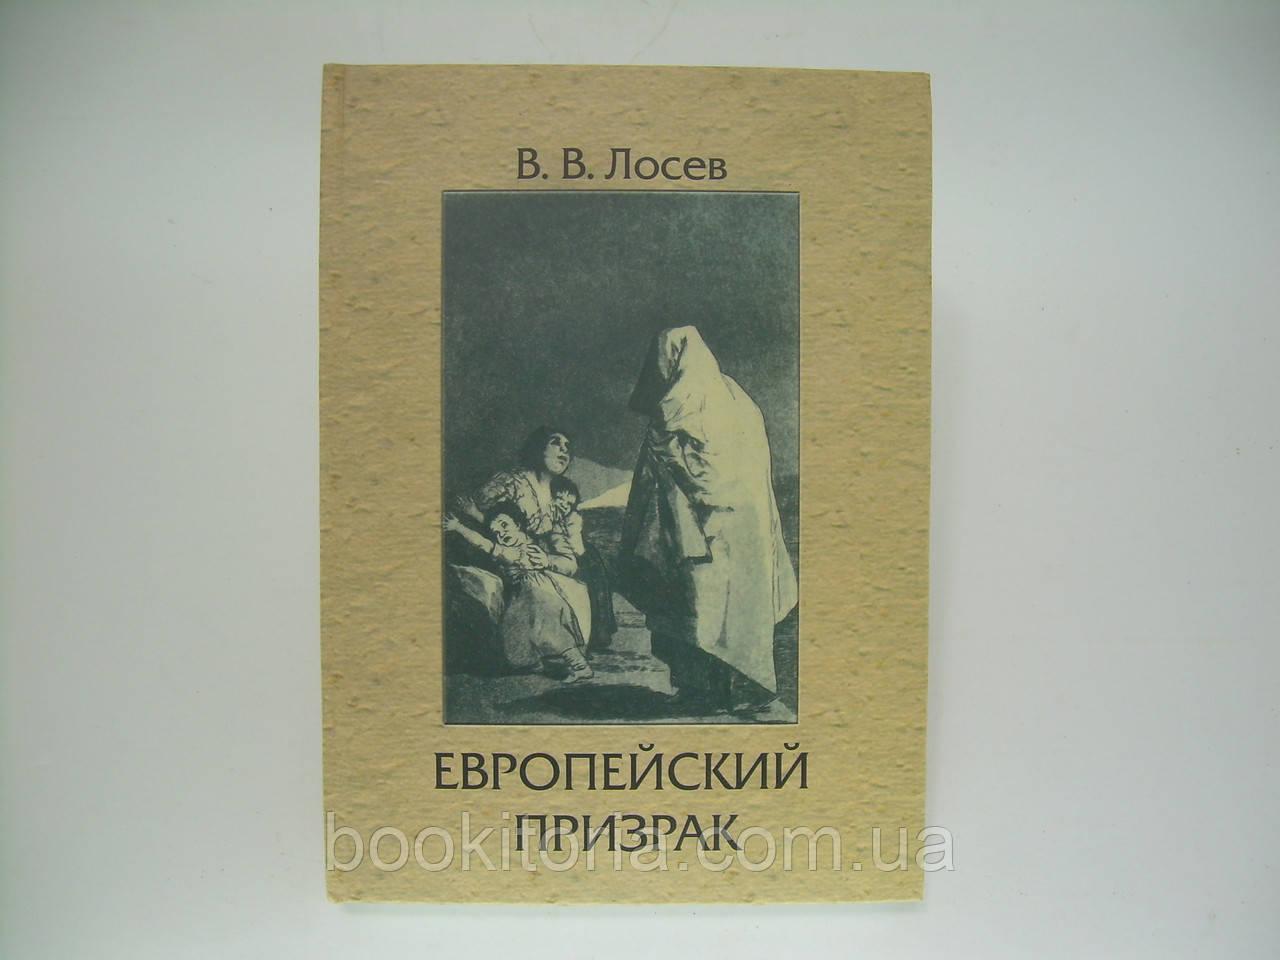 Лосев В.В. Европейский призрак (опыт философского синтеза) (б/у).